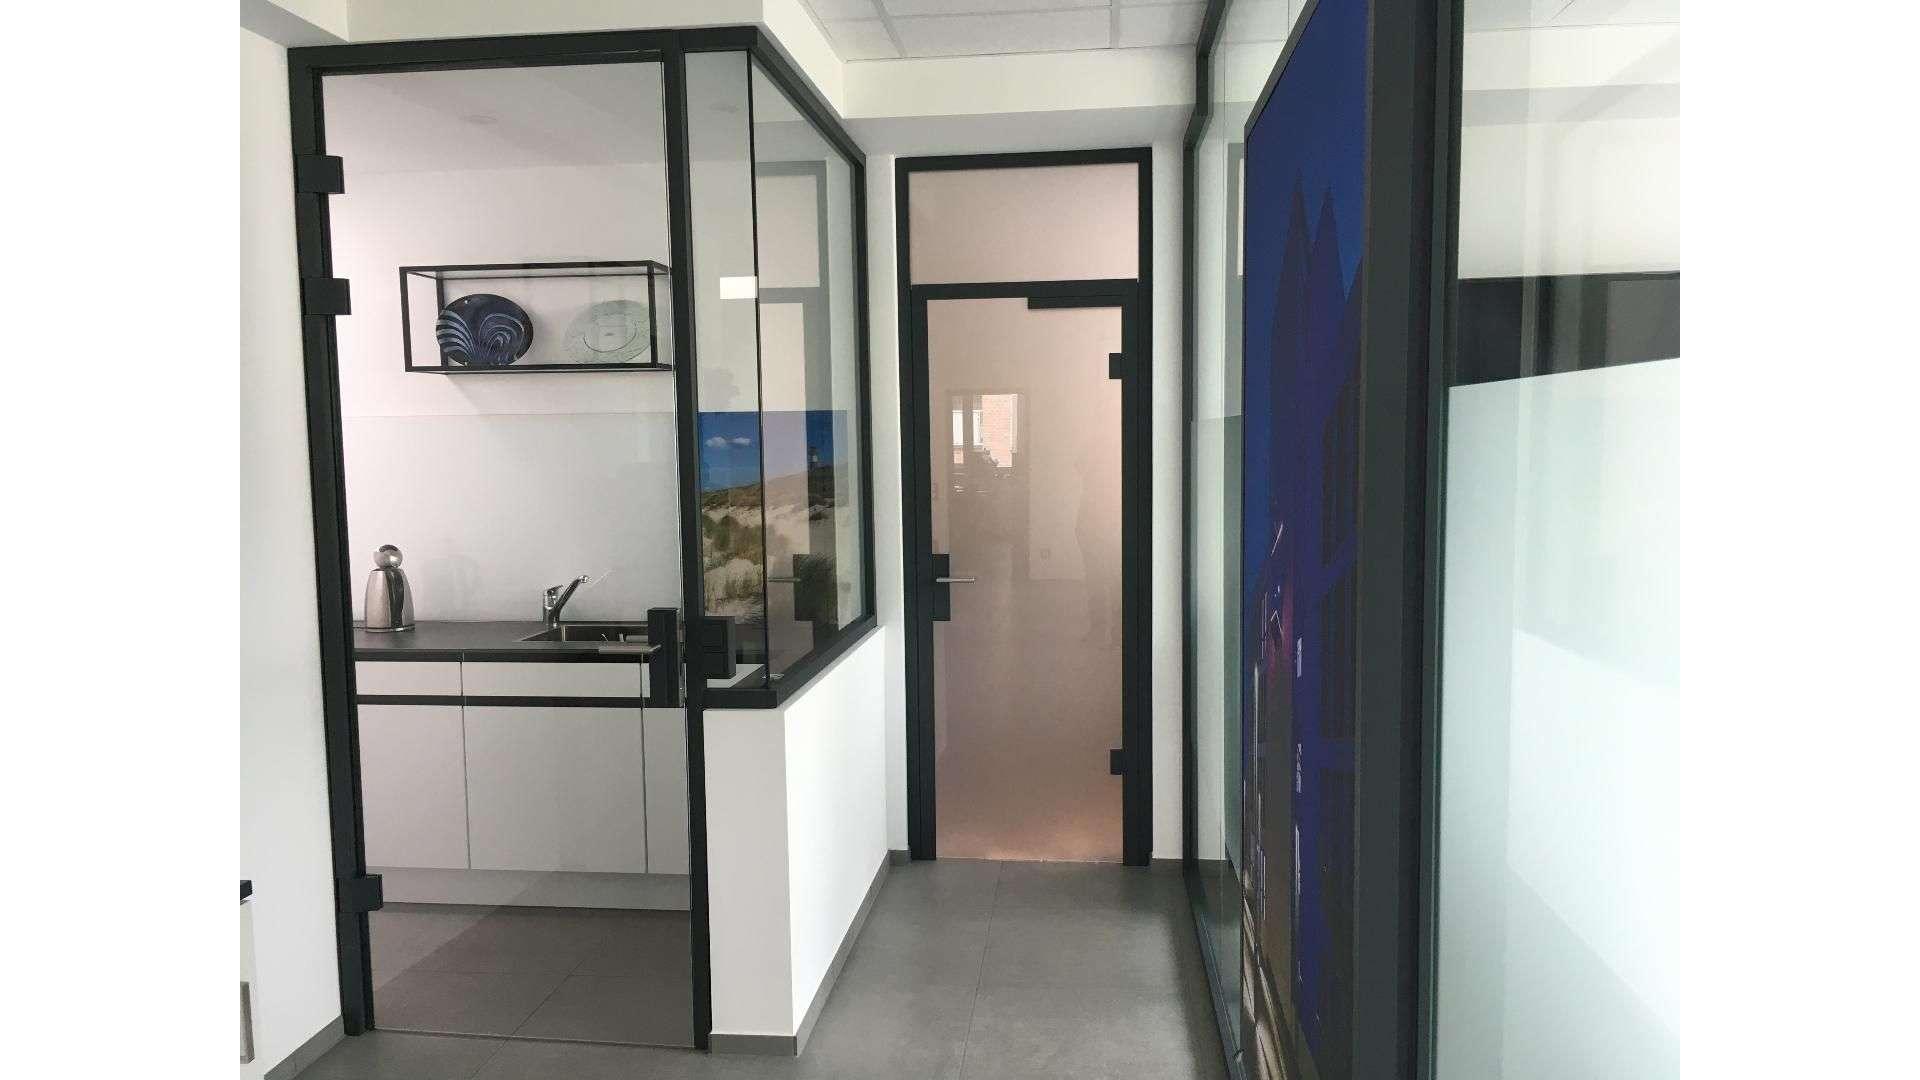 Flur in der Ausstellung von Menke-Glas in Bielefeld